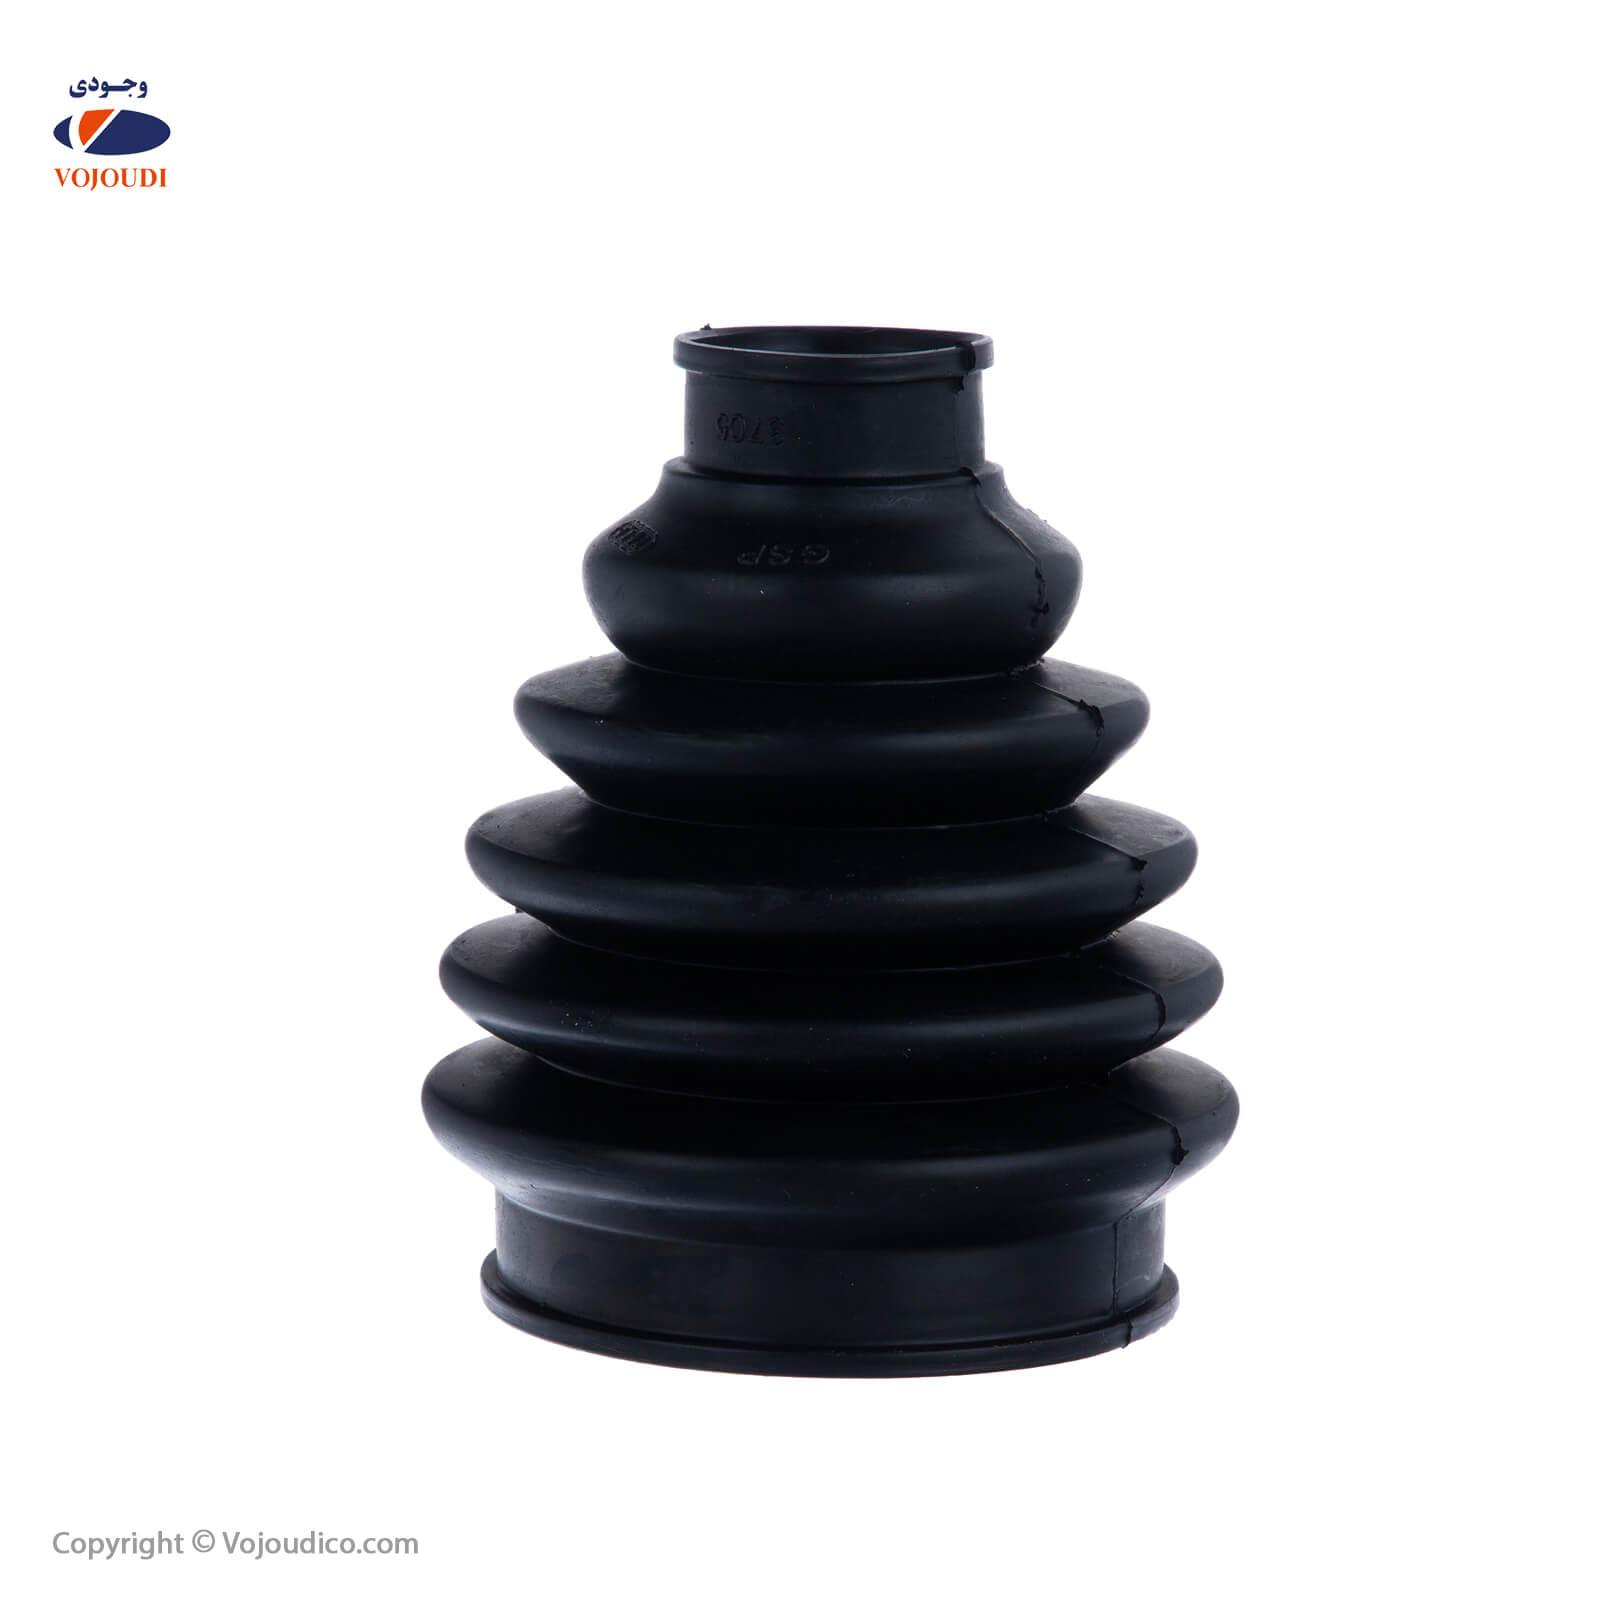 3705 1 1 - گردگیر پلوس بزرگ پشت چرخ وجودی کد 3705 مناسب برای 206 تیپ 5 ، تعداد بسته : 20 عدد